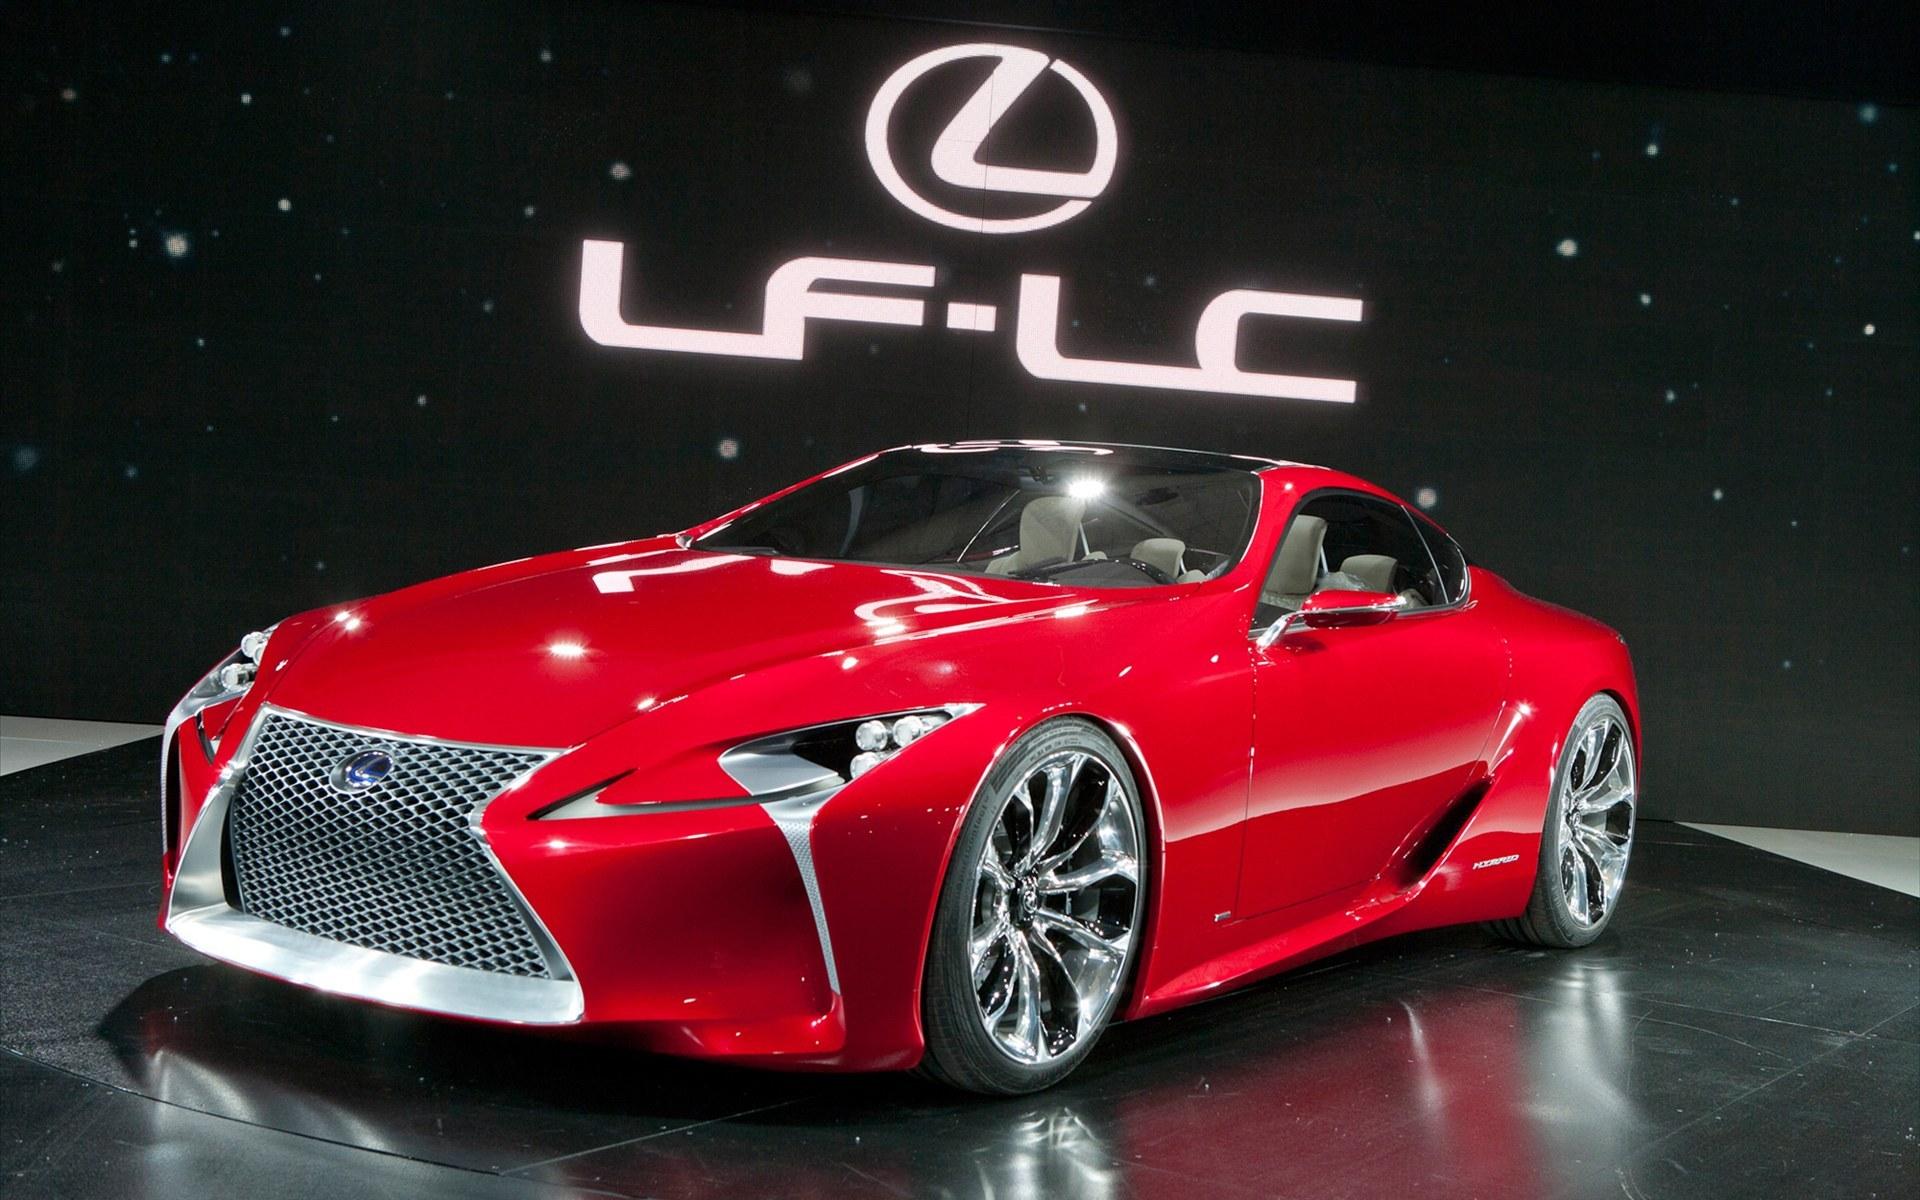 雷克萨斯LF LC Sports Coupe Concept 2012款跑车壁纸高清图片